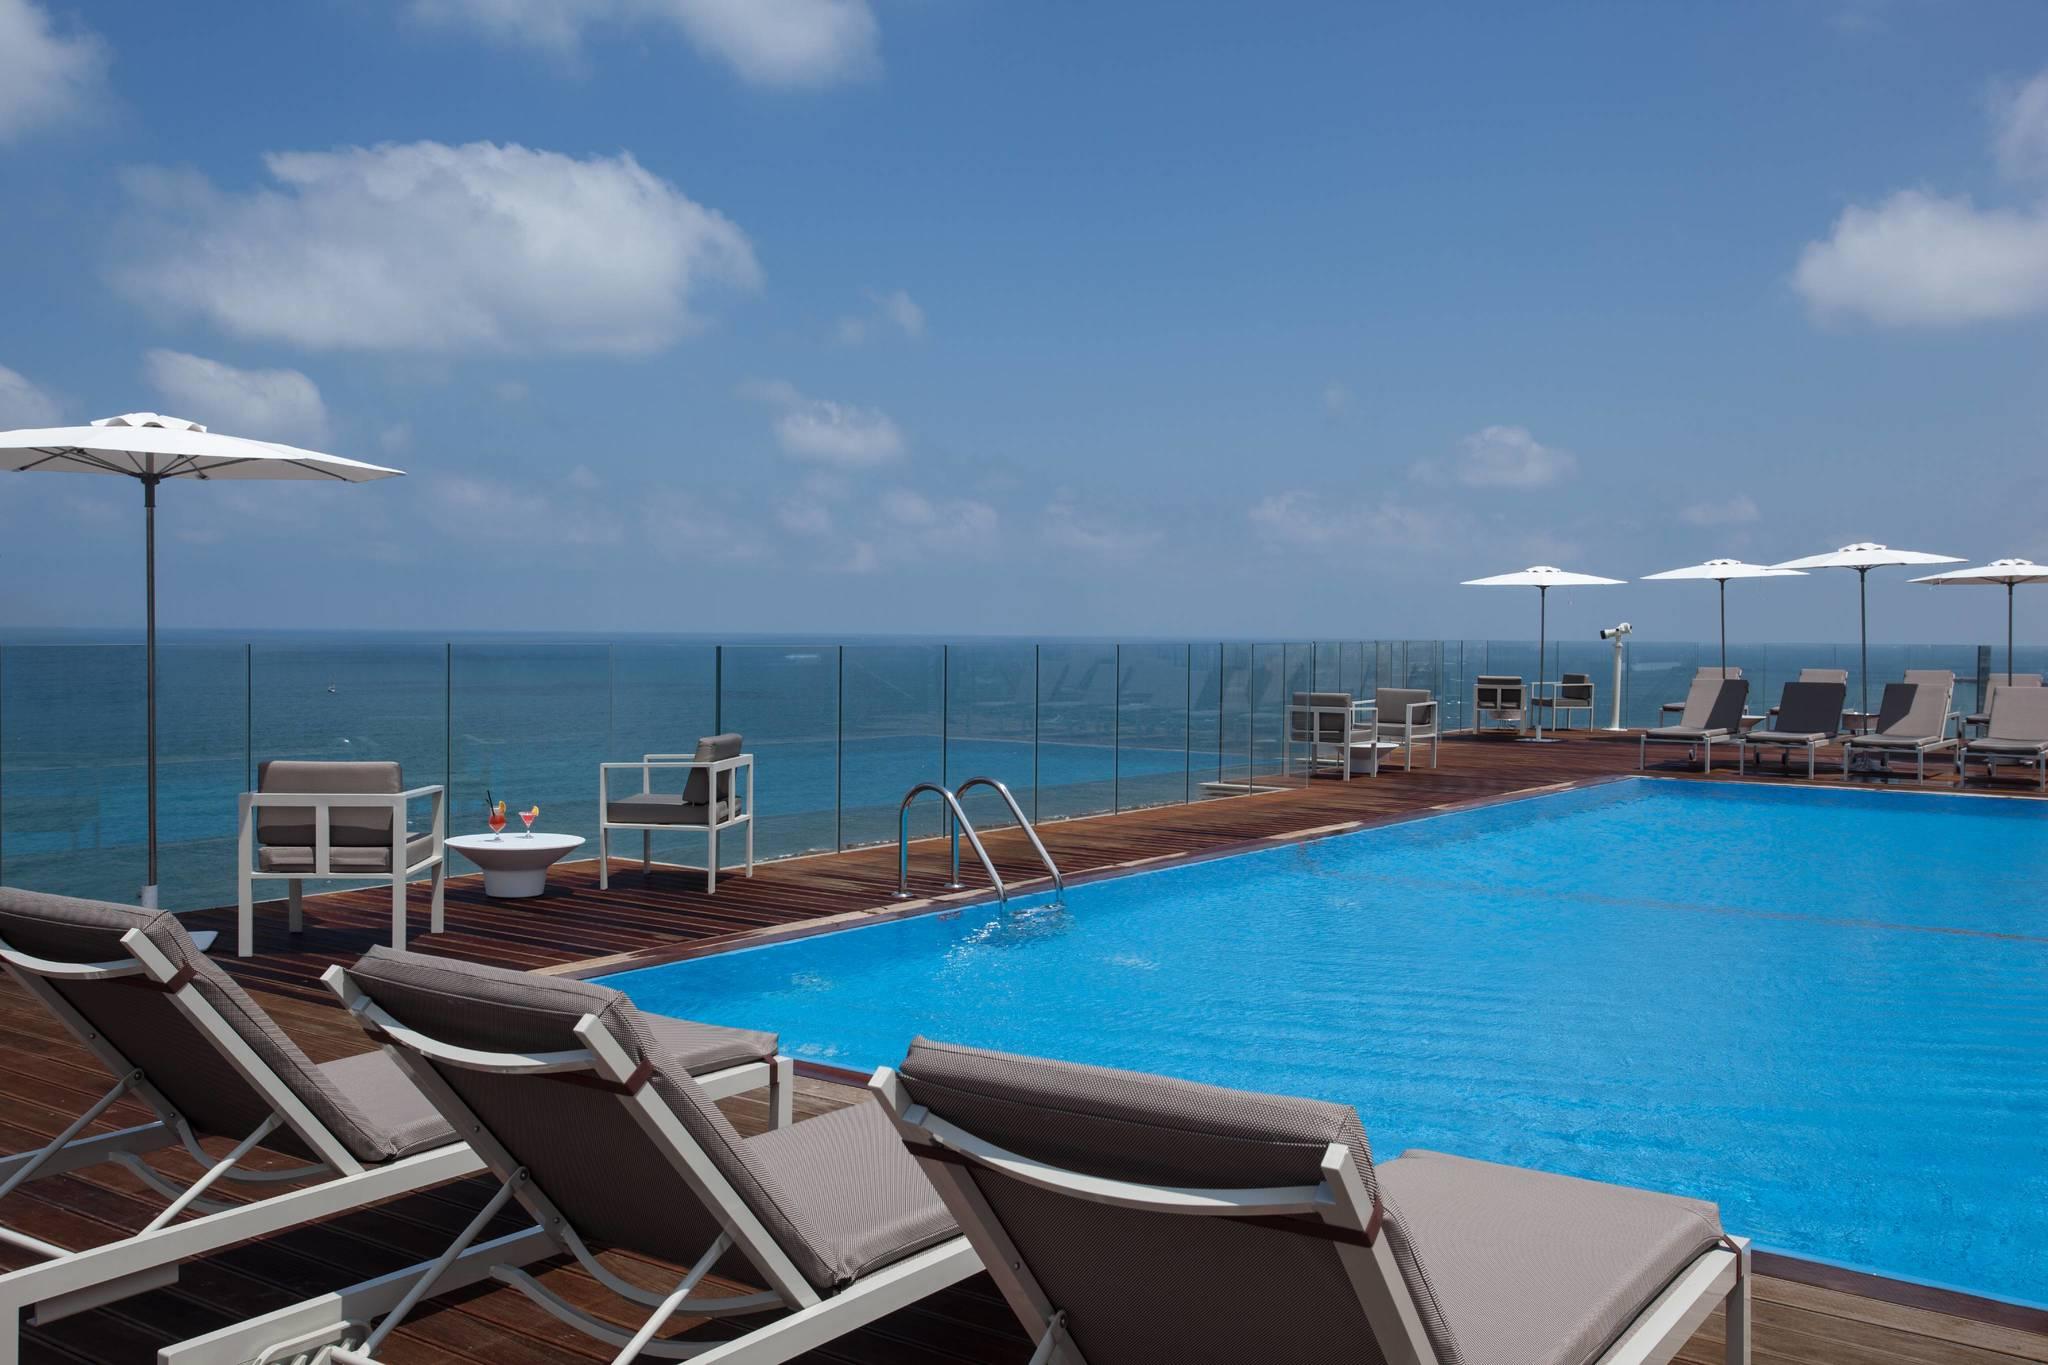 Piscina del hotel The Carlton Tel Aviv.